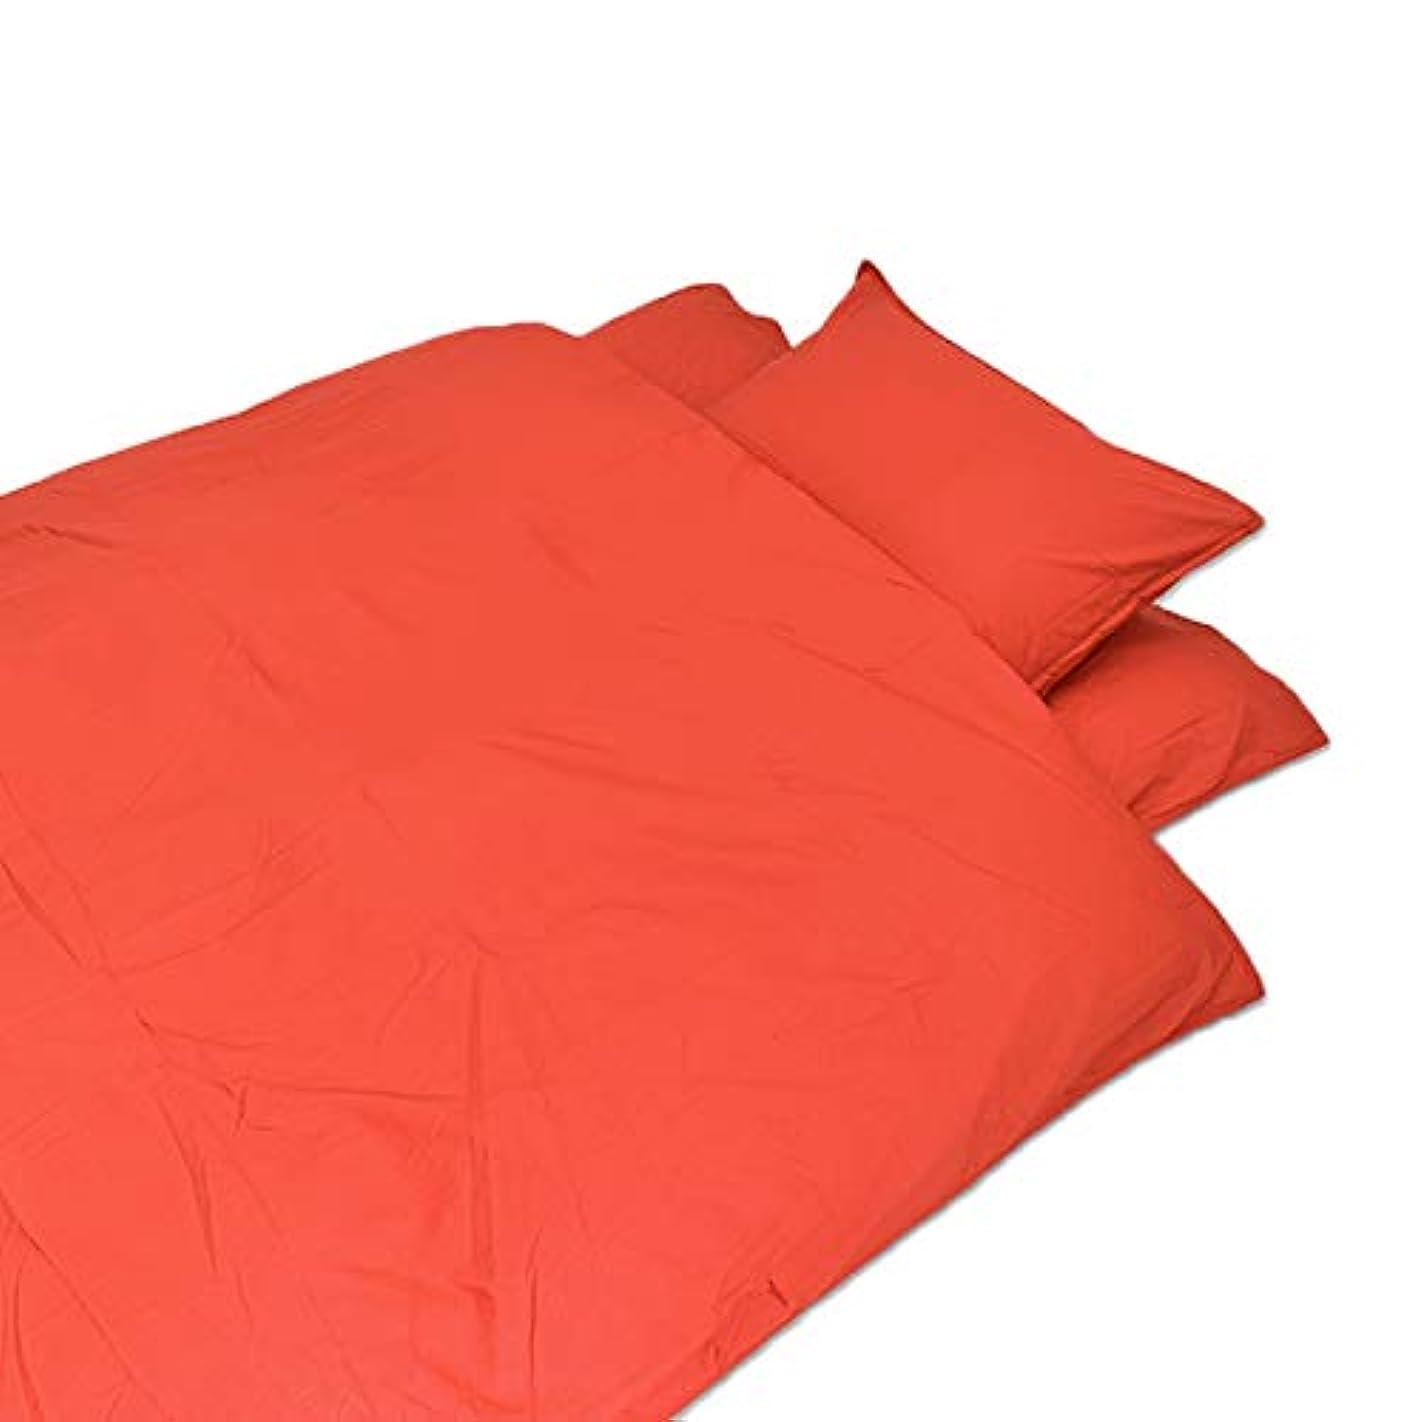 グリップ致命的おもてなし「アレルガード」 高密度生地使用 防ダニ シングル 150×210cm 花粉症 防ダニ 高密度生地 掛け布団カバー レッド